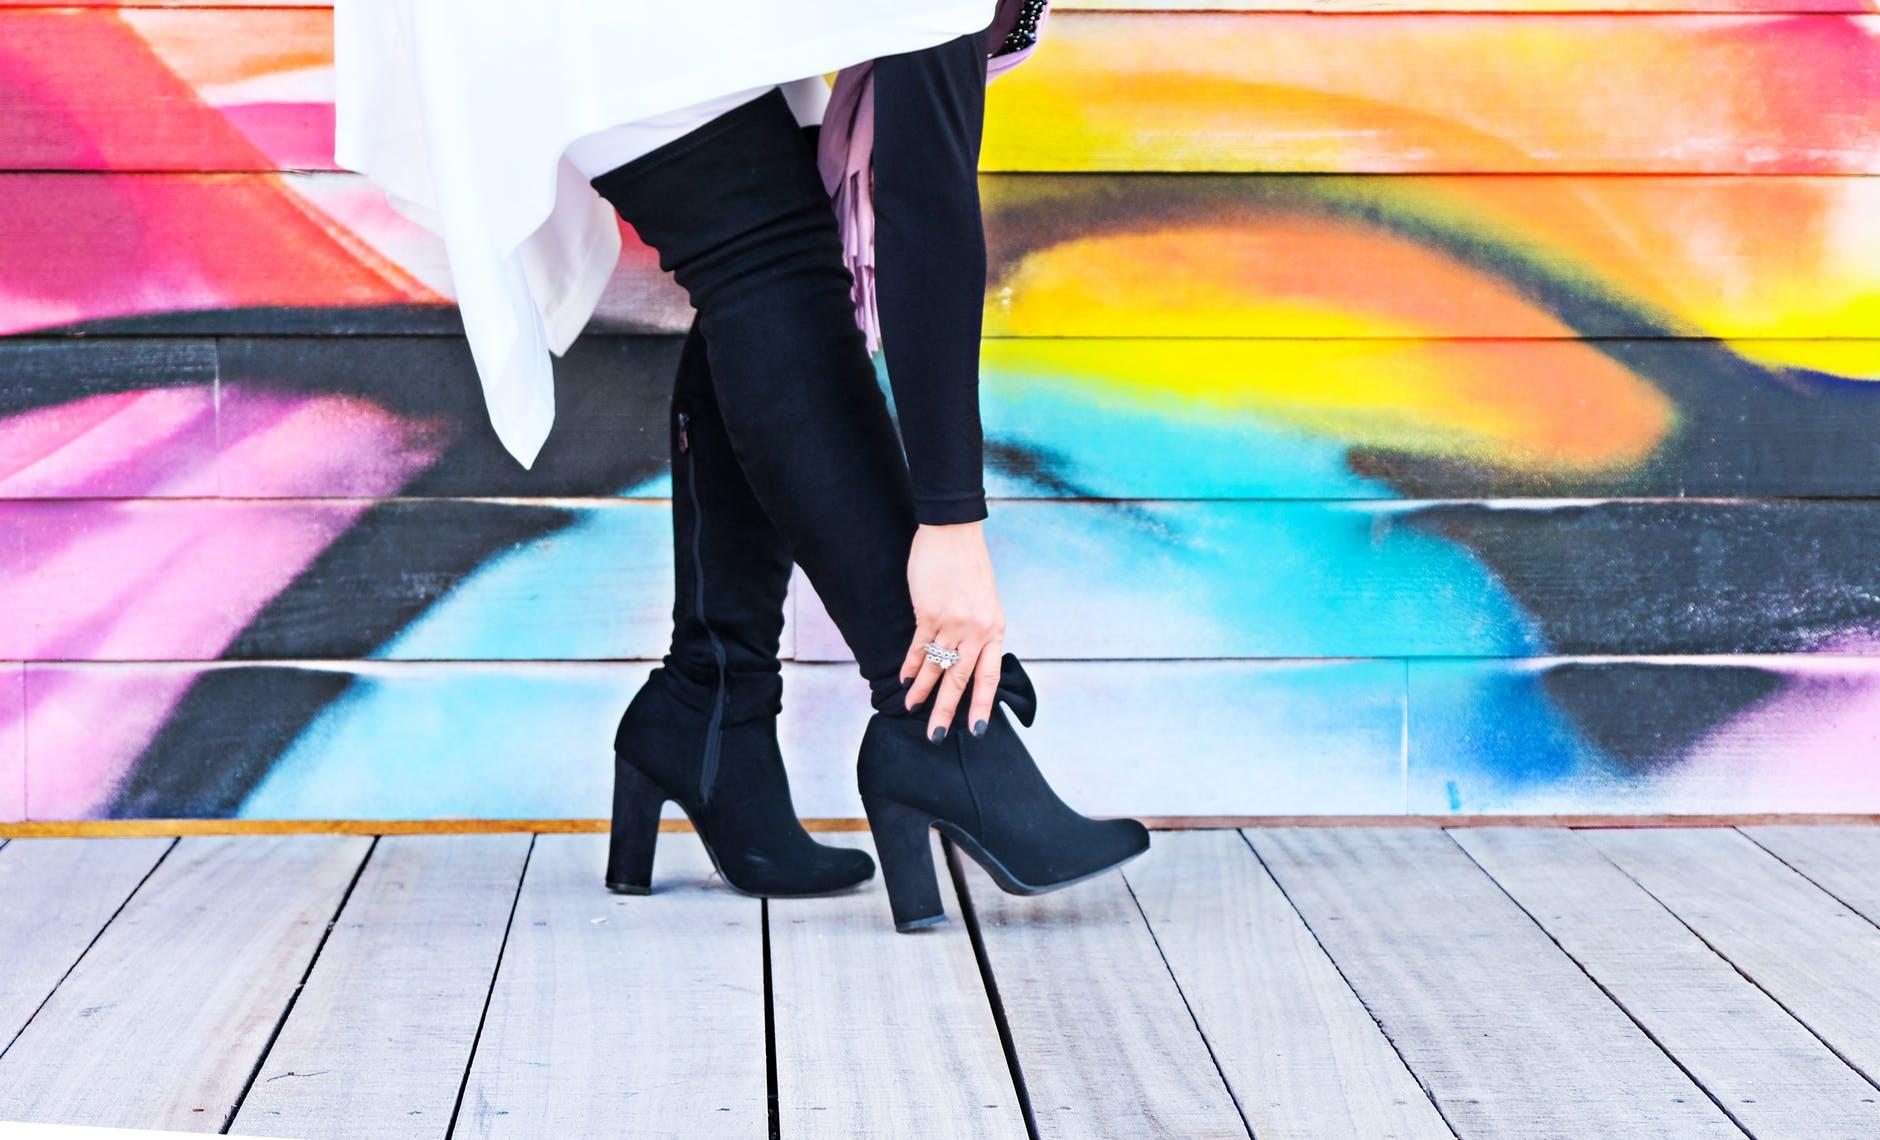 Είδη παπουτσιών που δεν πρέπει να λείπουν από κάθε γυναίκα